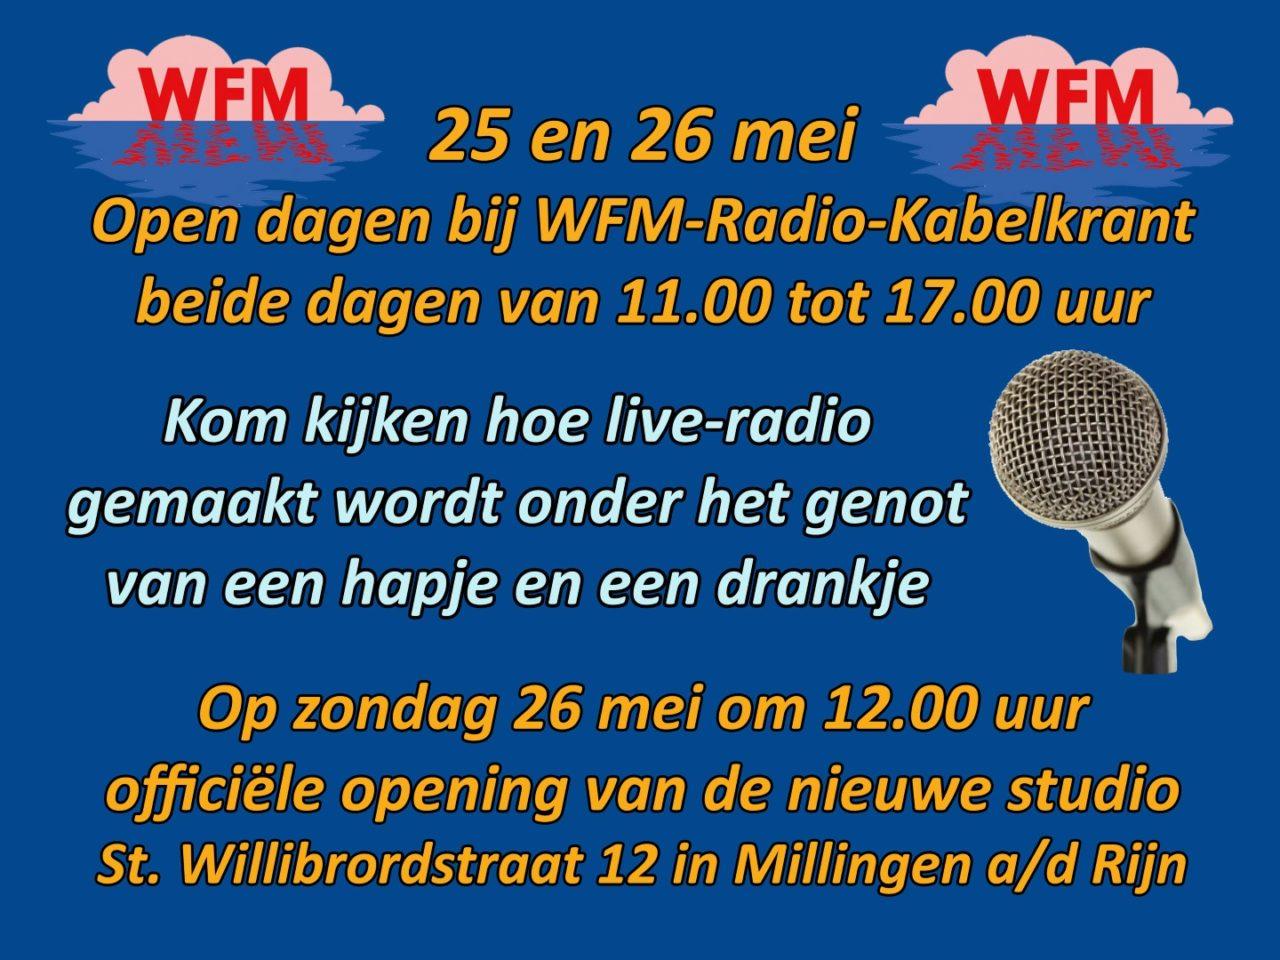 WFM_Open_Dagen_mei_2013_copy_copy